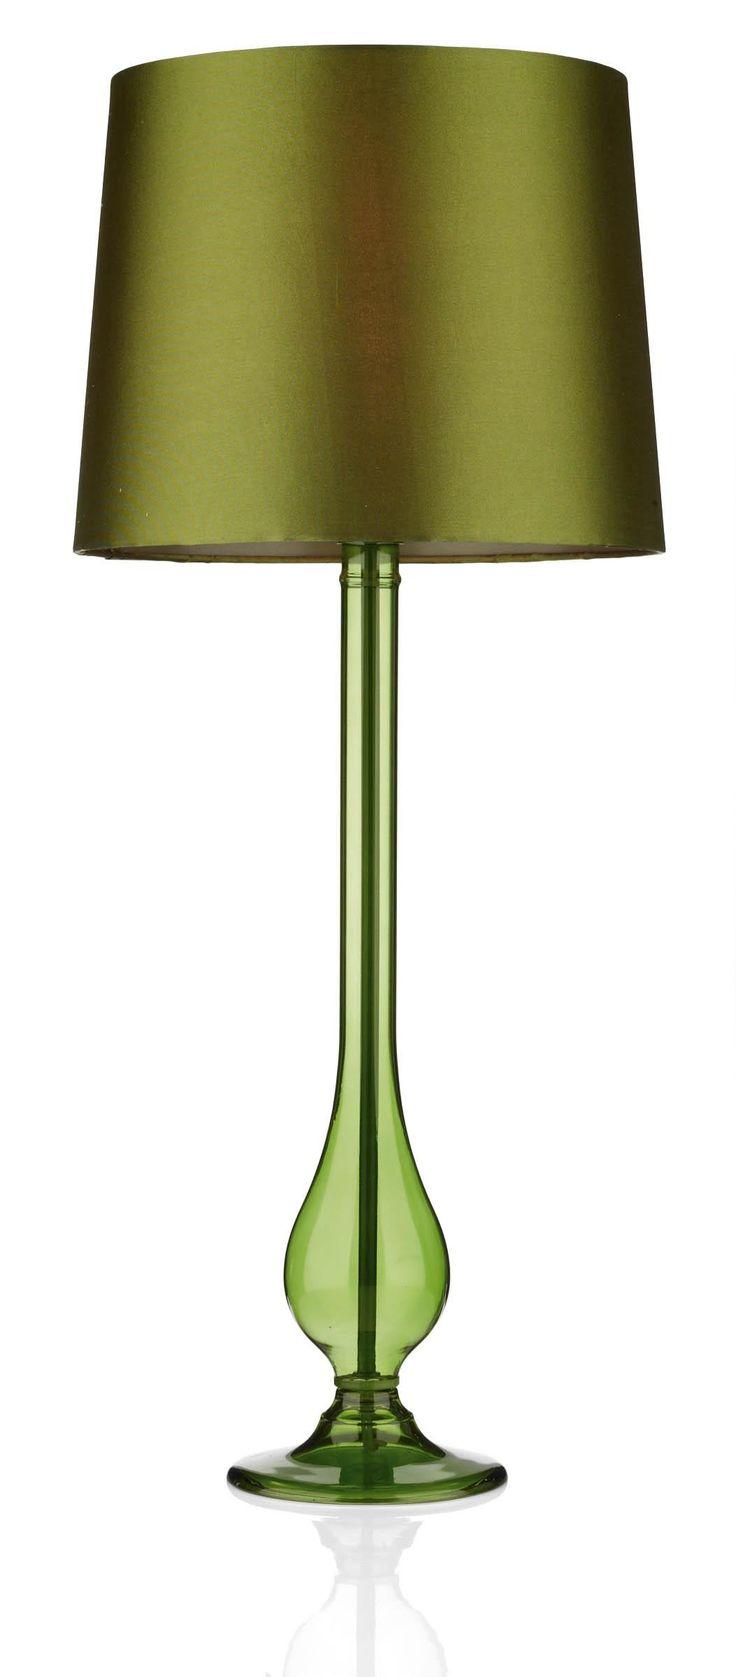 Lampe de table Dillon en verre vert Livraison Gratuite